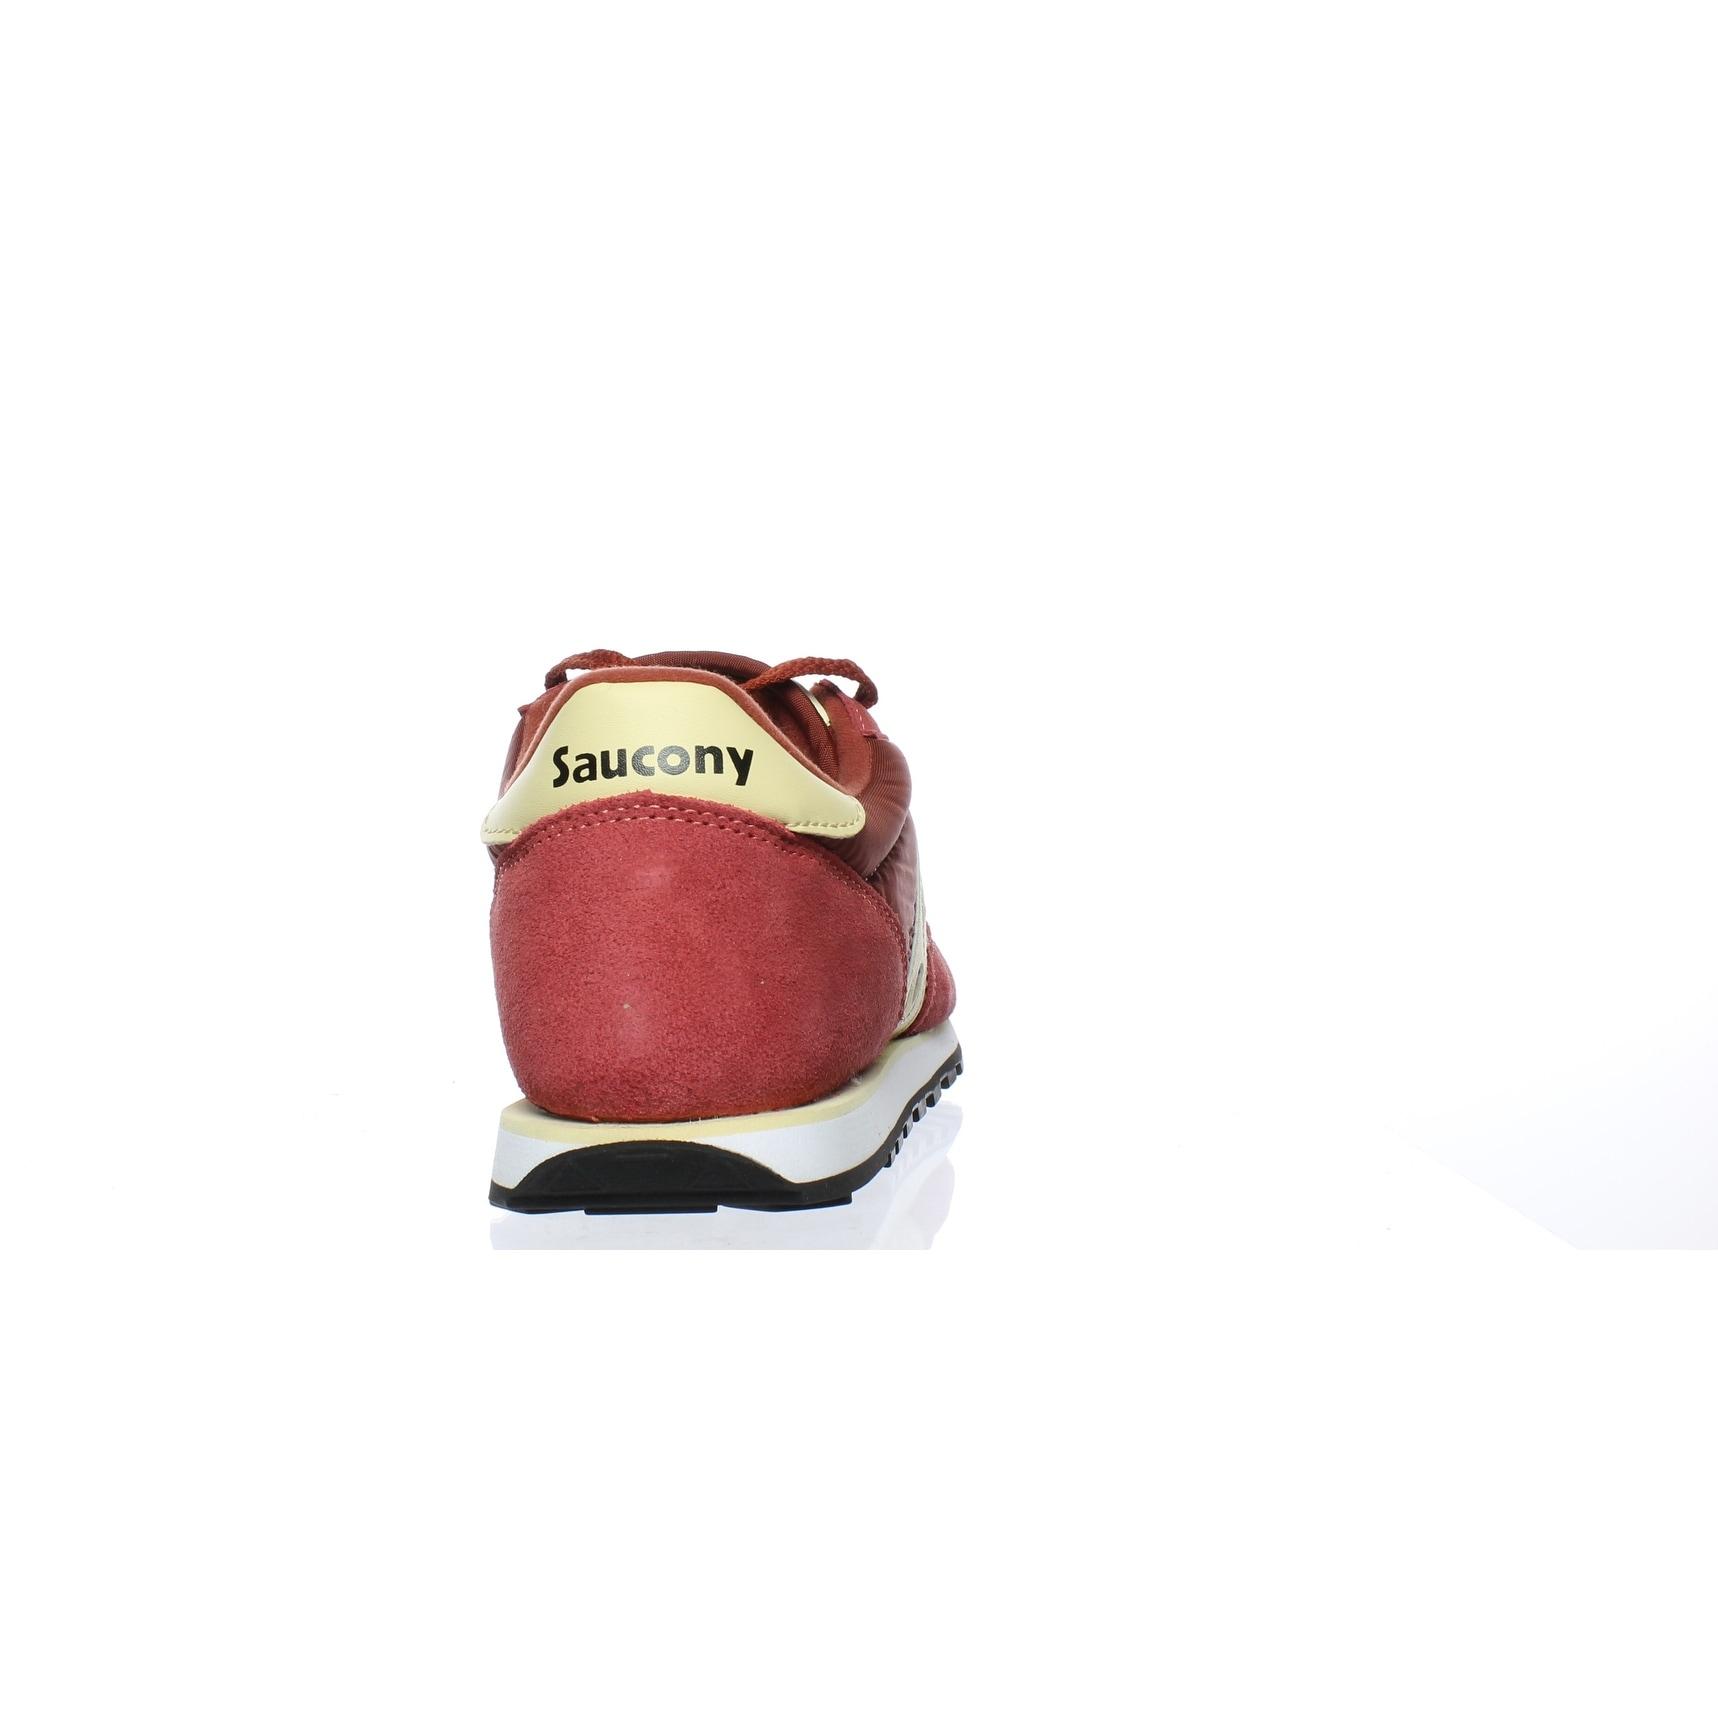 Saucony men's low top sneakers red size 11 men's shoes